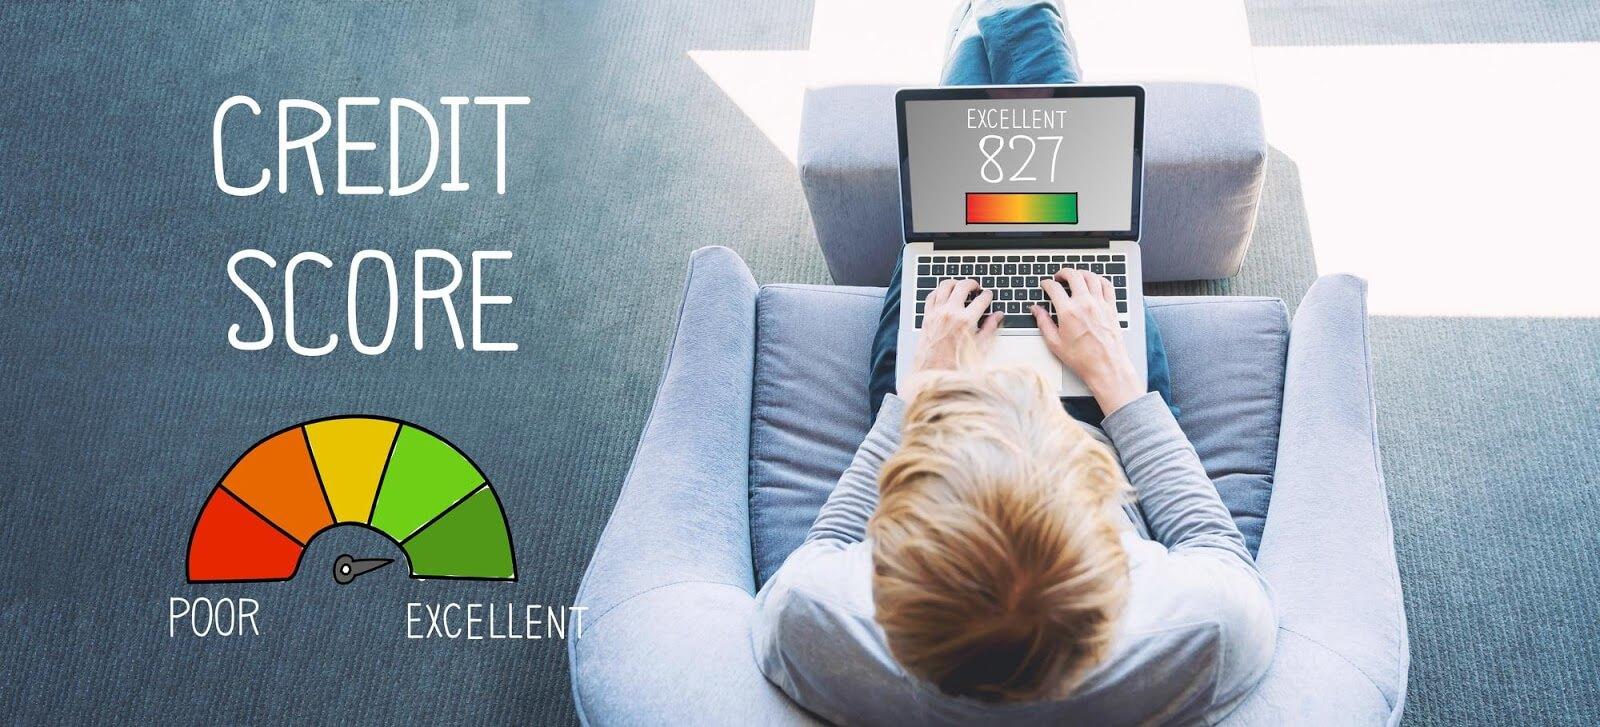 5 Steps Toward an Excellent Credit Score